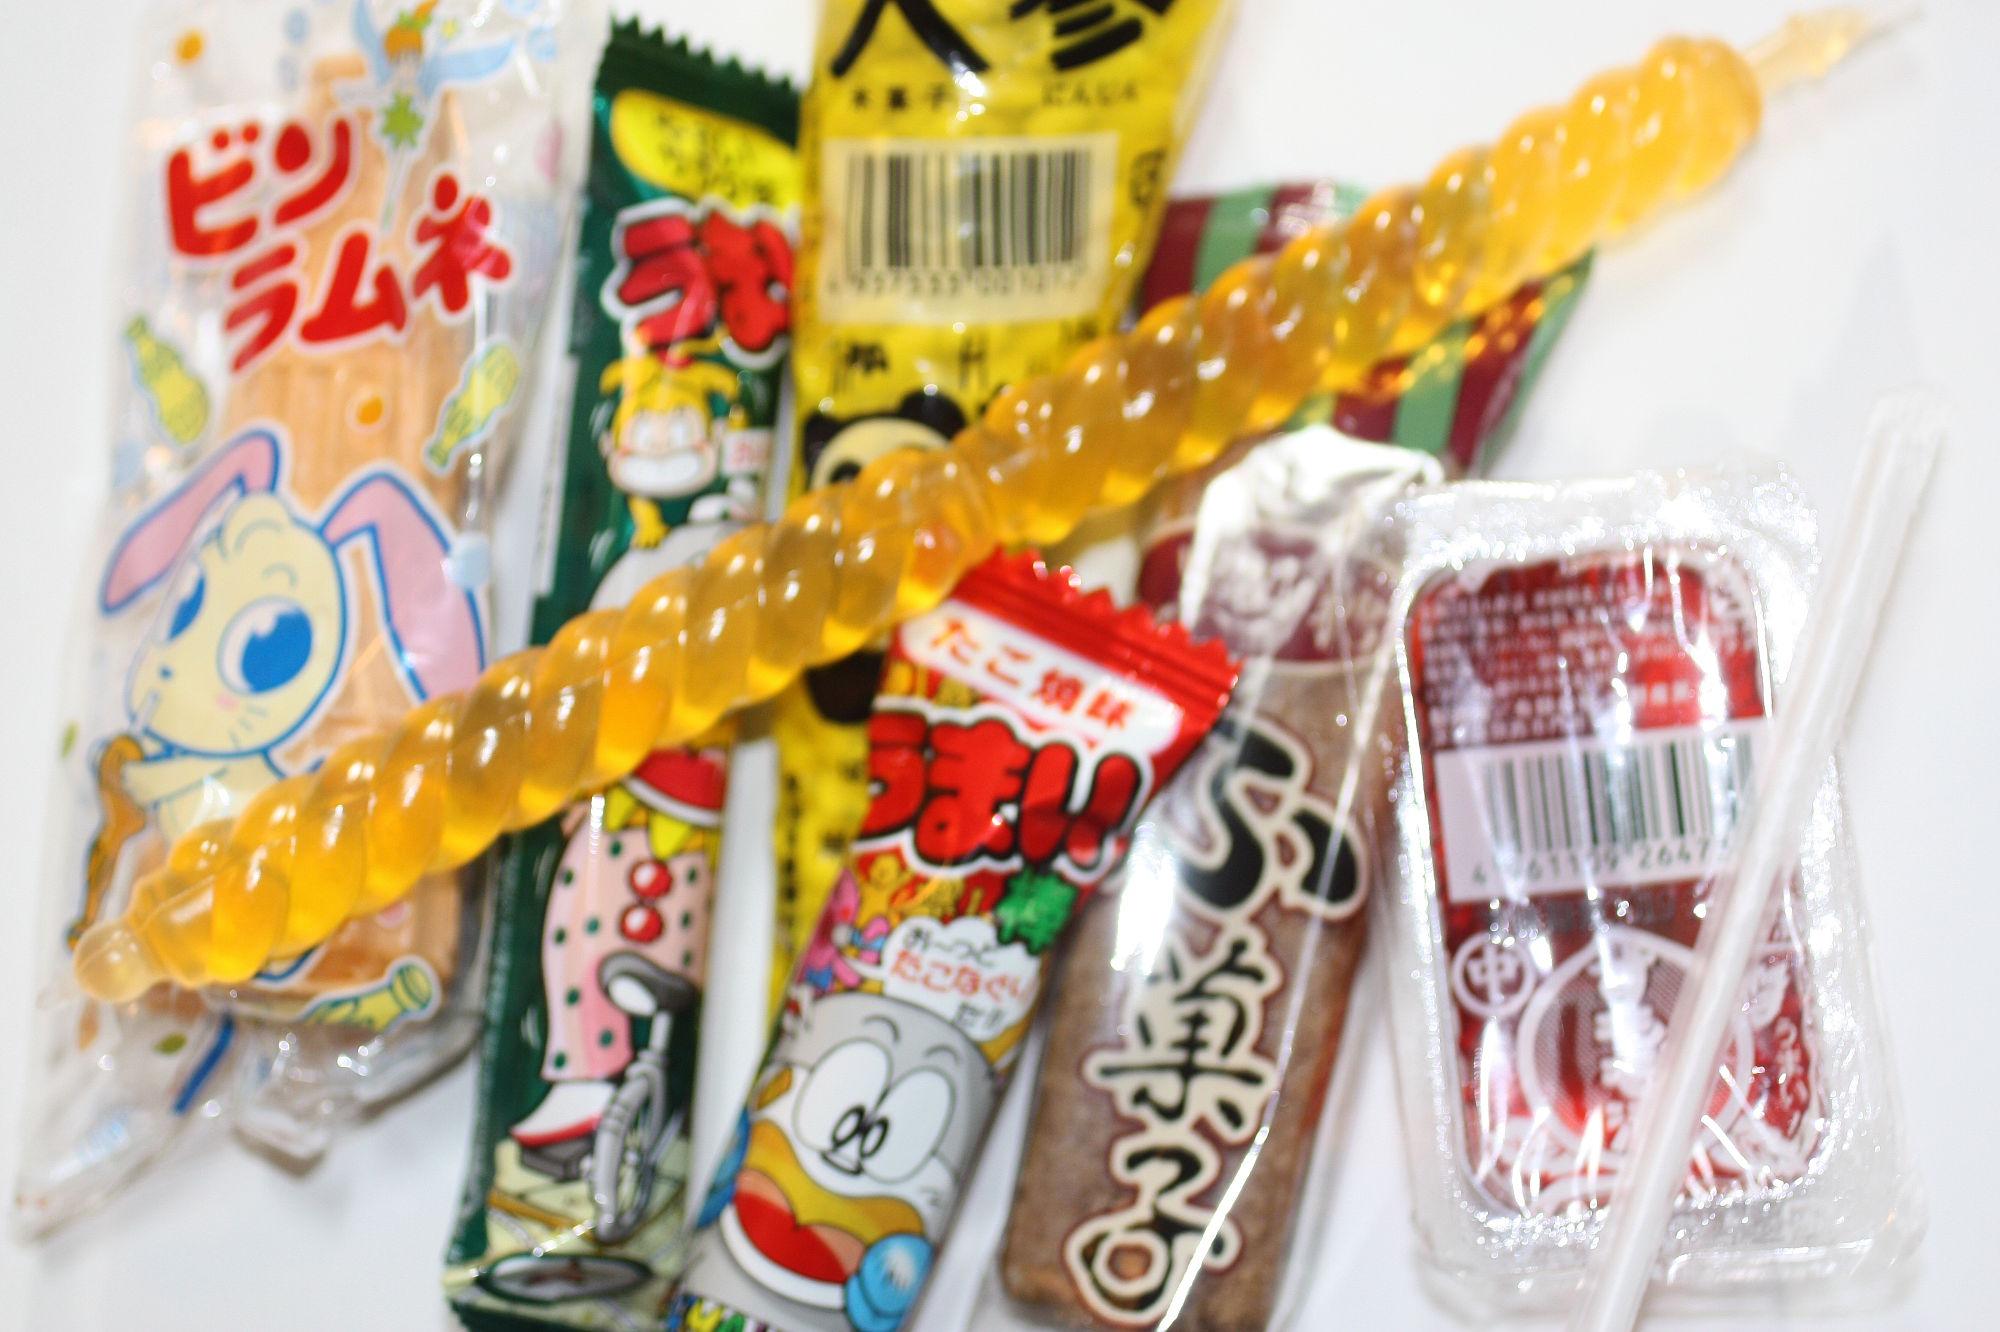 駄菓子屋「上川口屋」で買った駄菓子